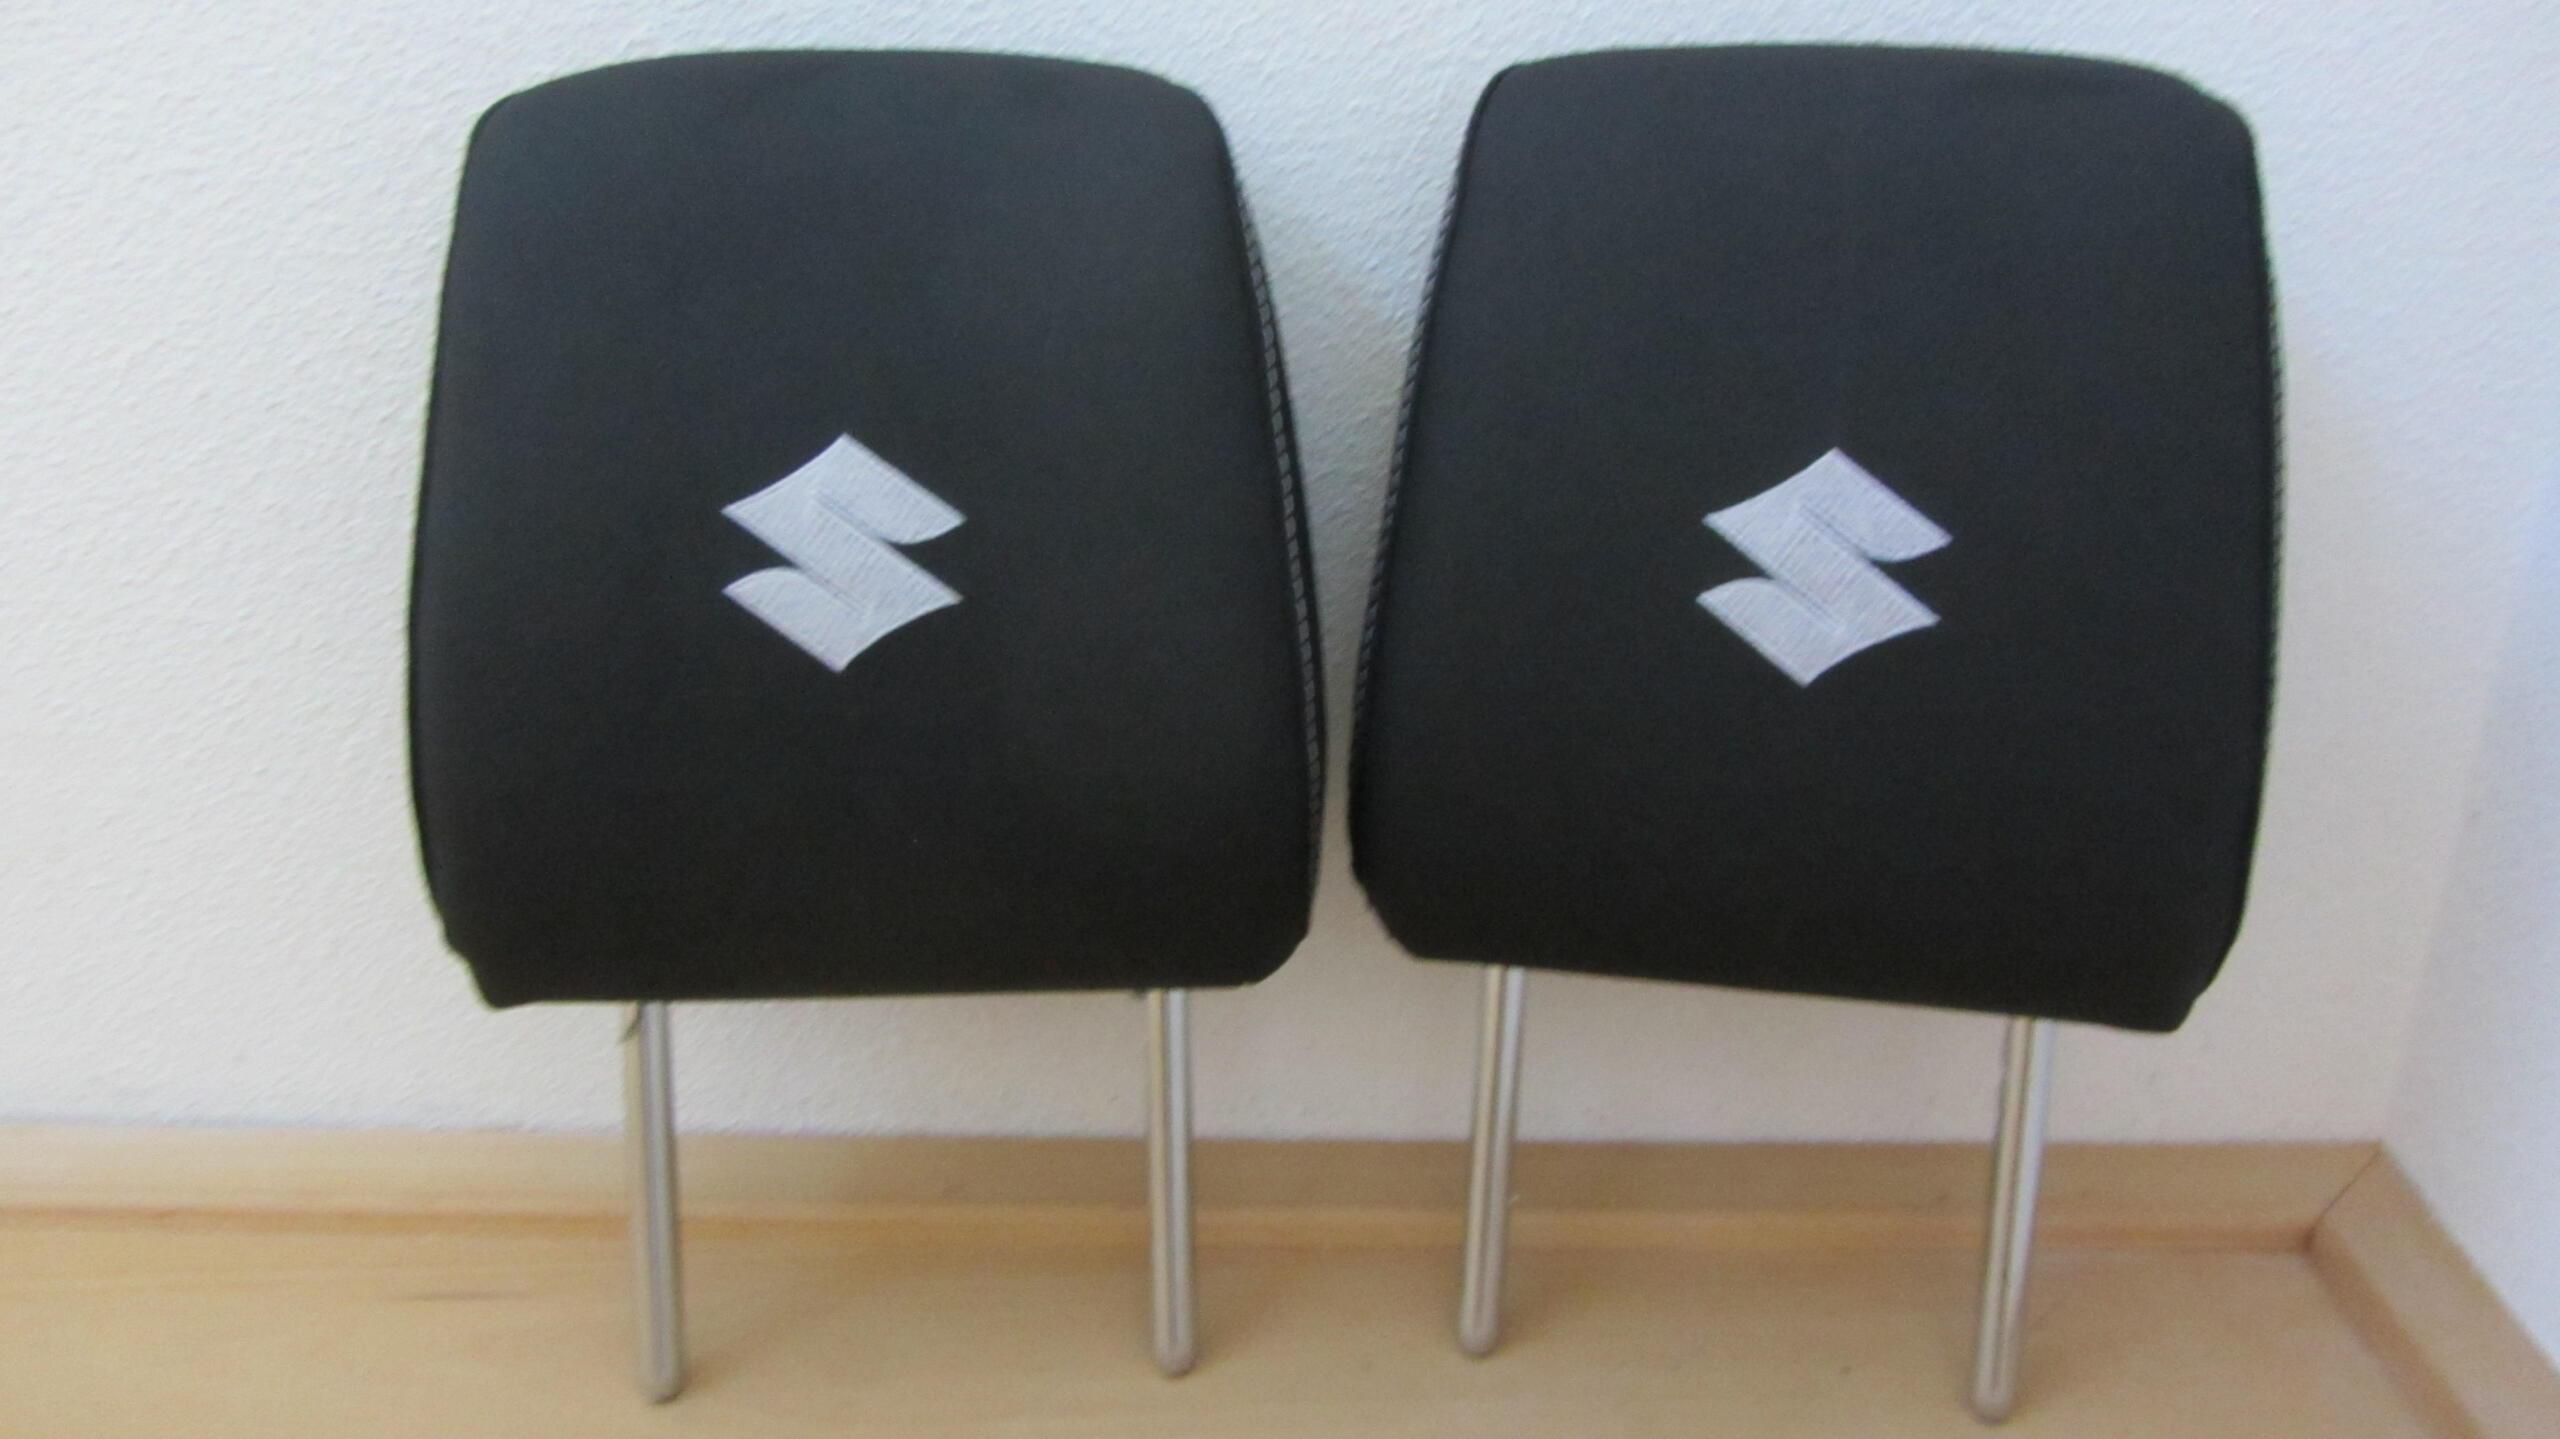 Hoofdsteunen bekleed met logo suzuki